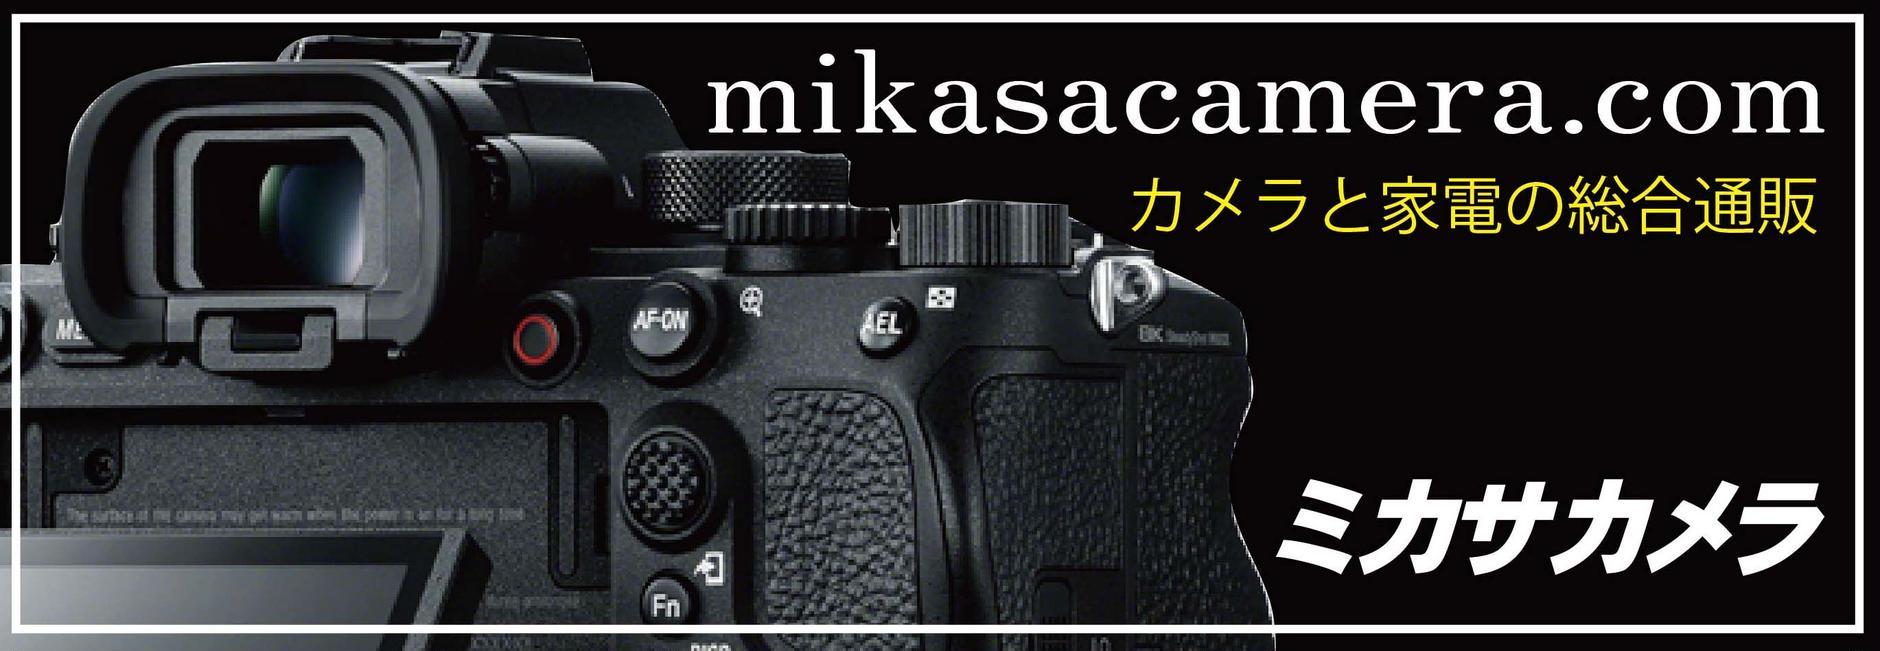 ミカサカメラドットコム